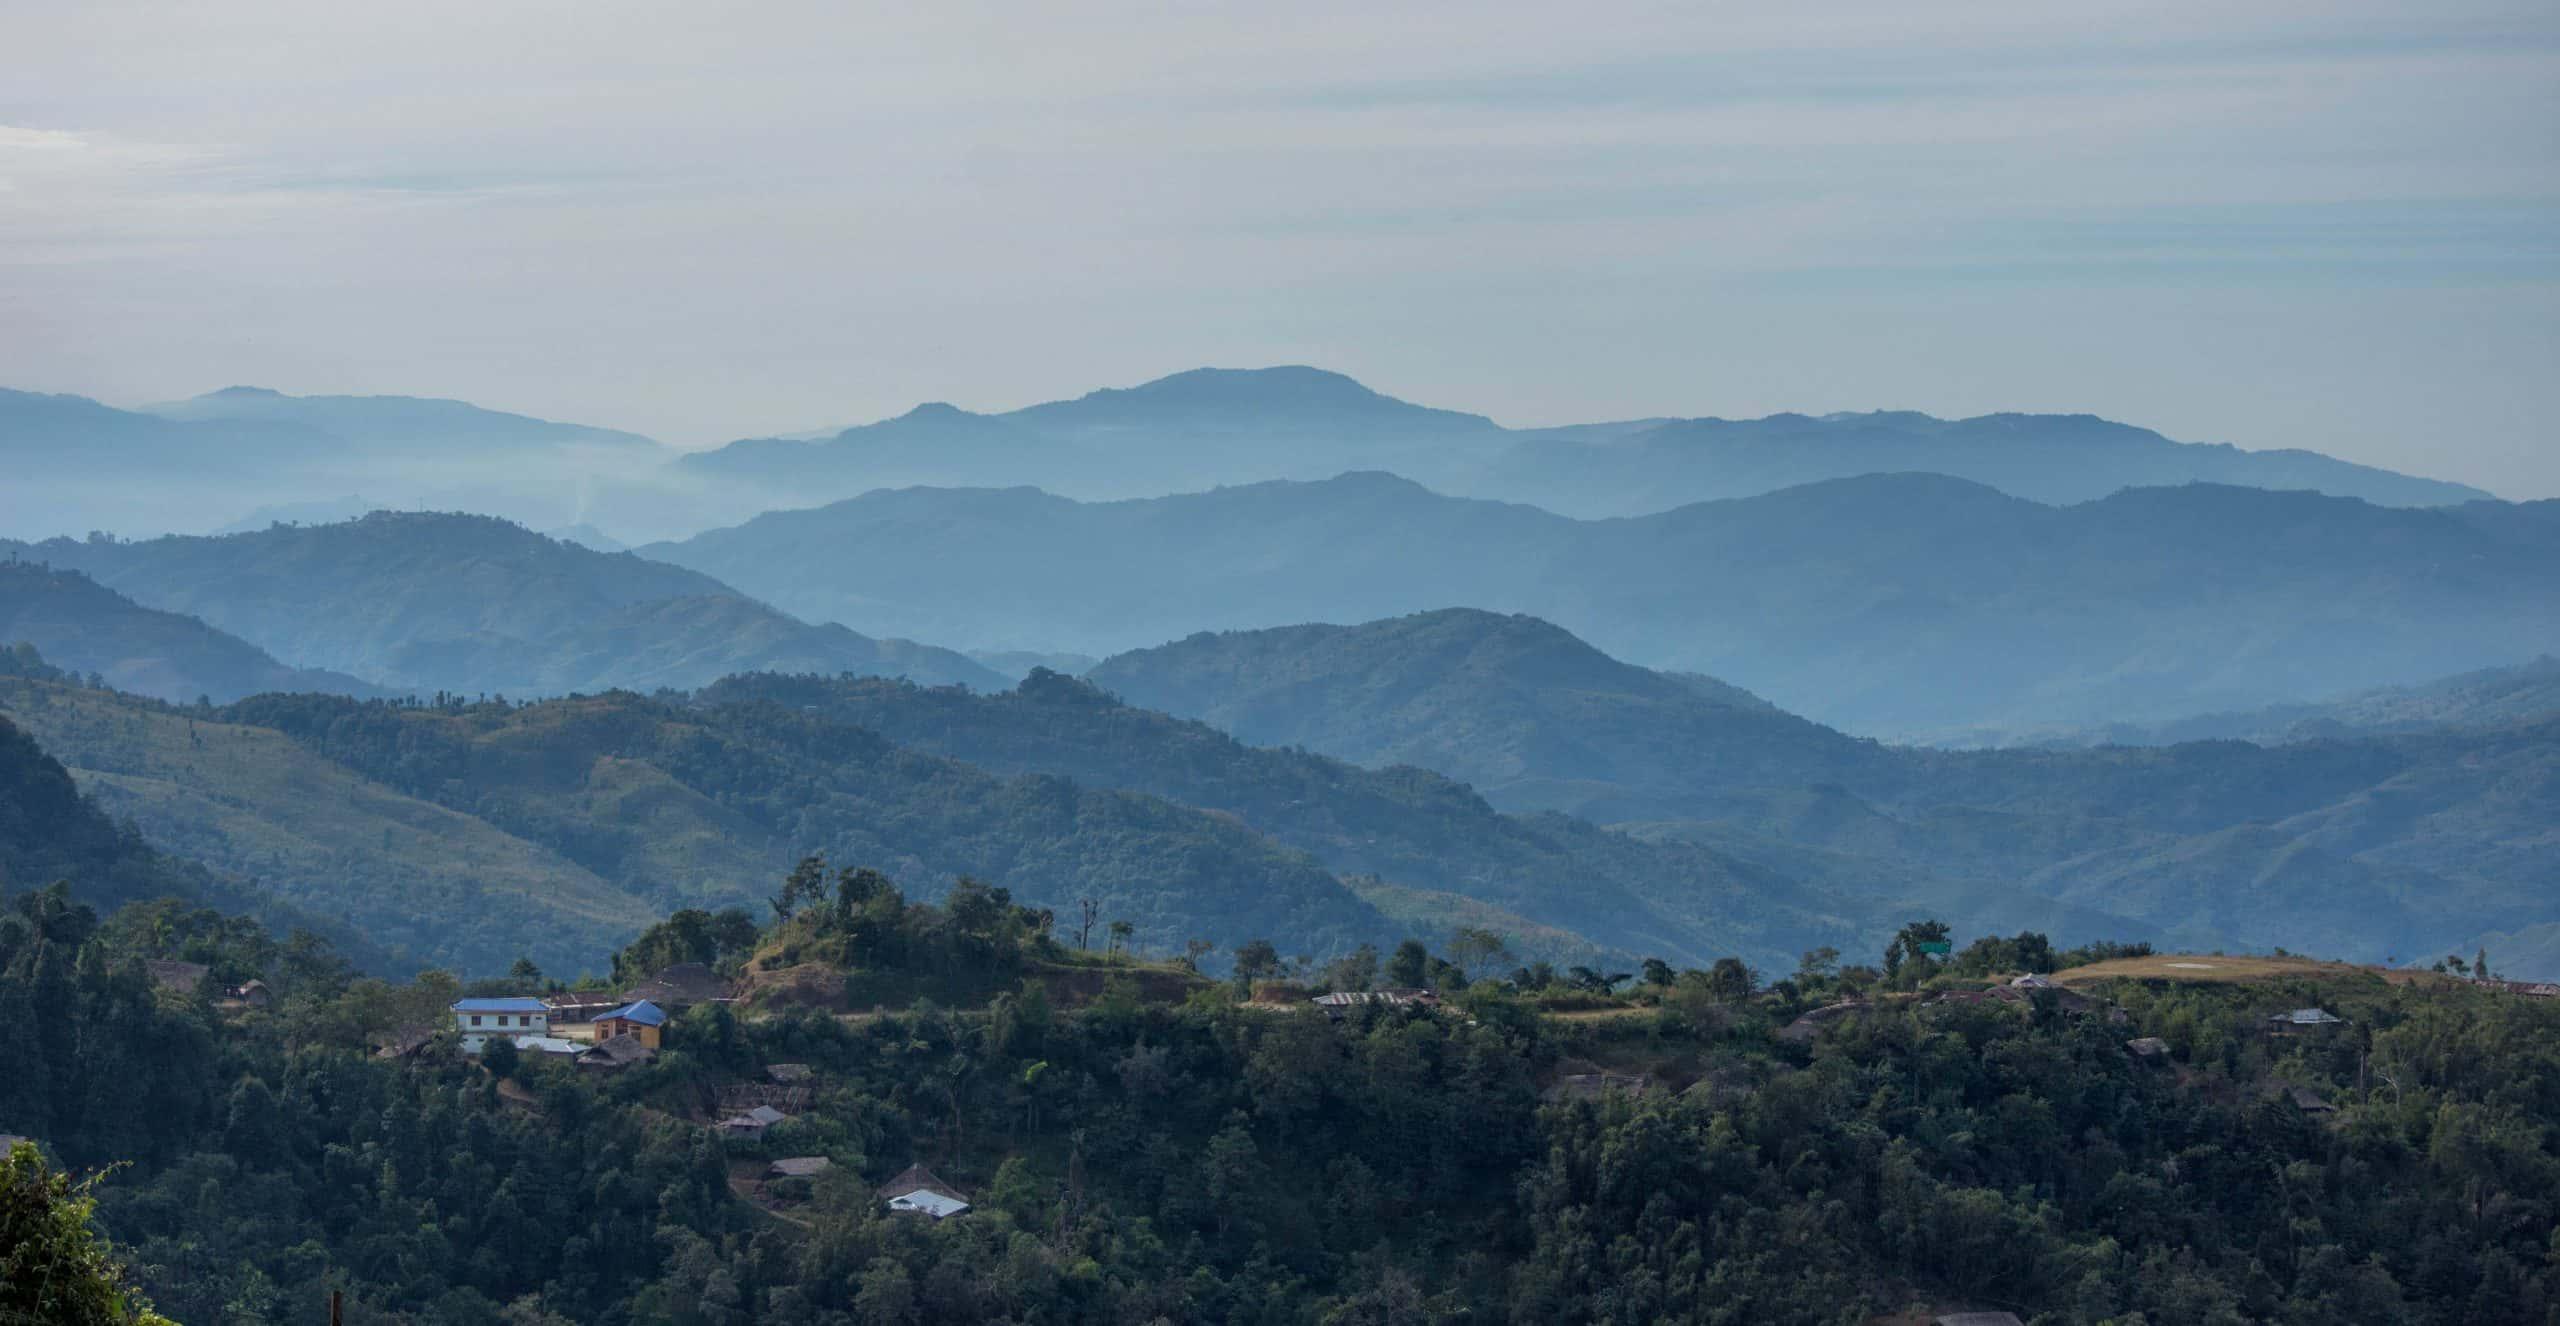 mon district mountains